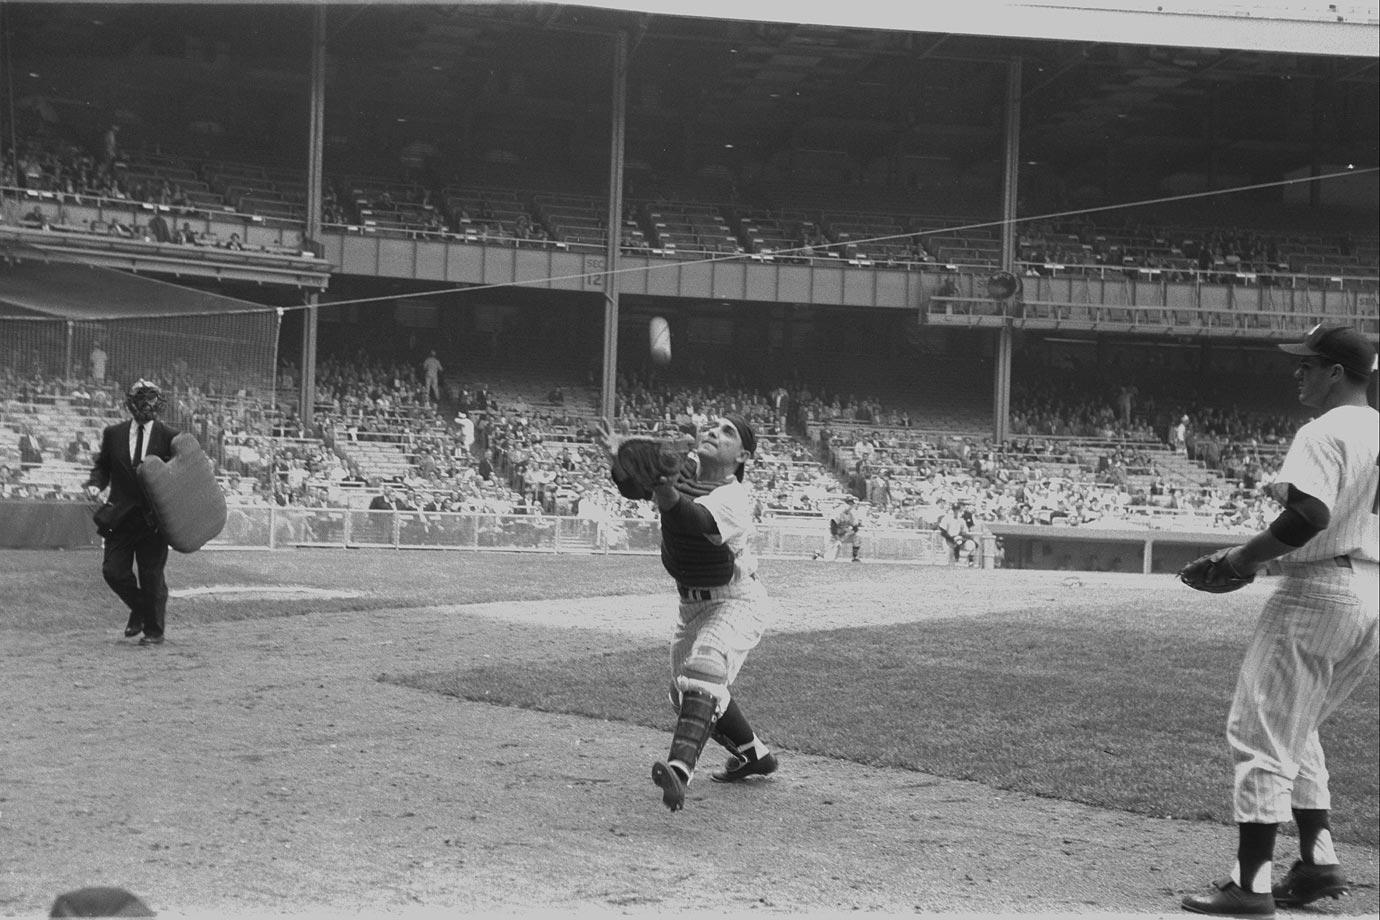 May 2, 1958